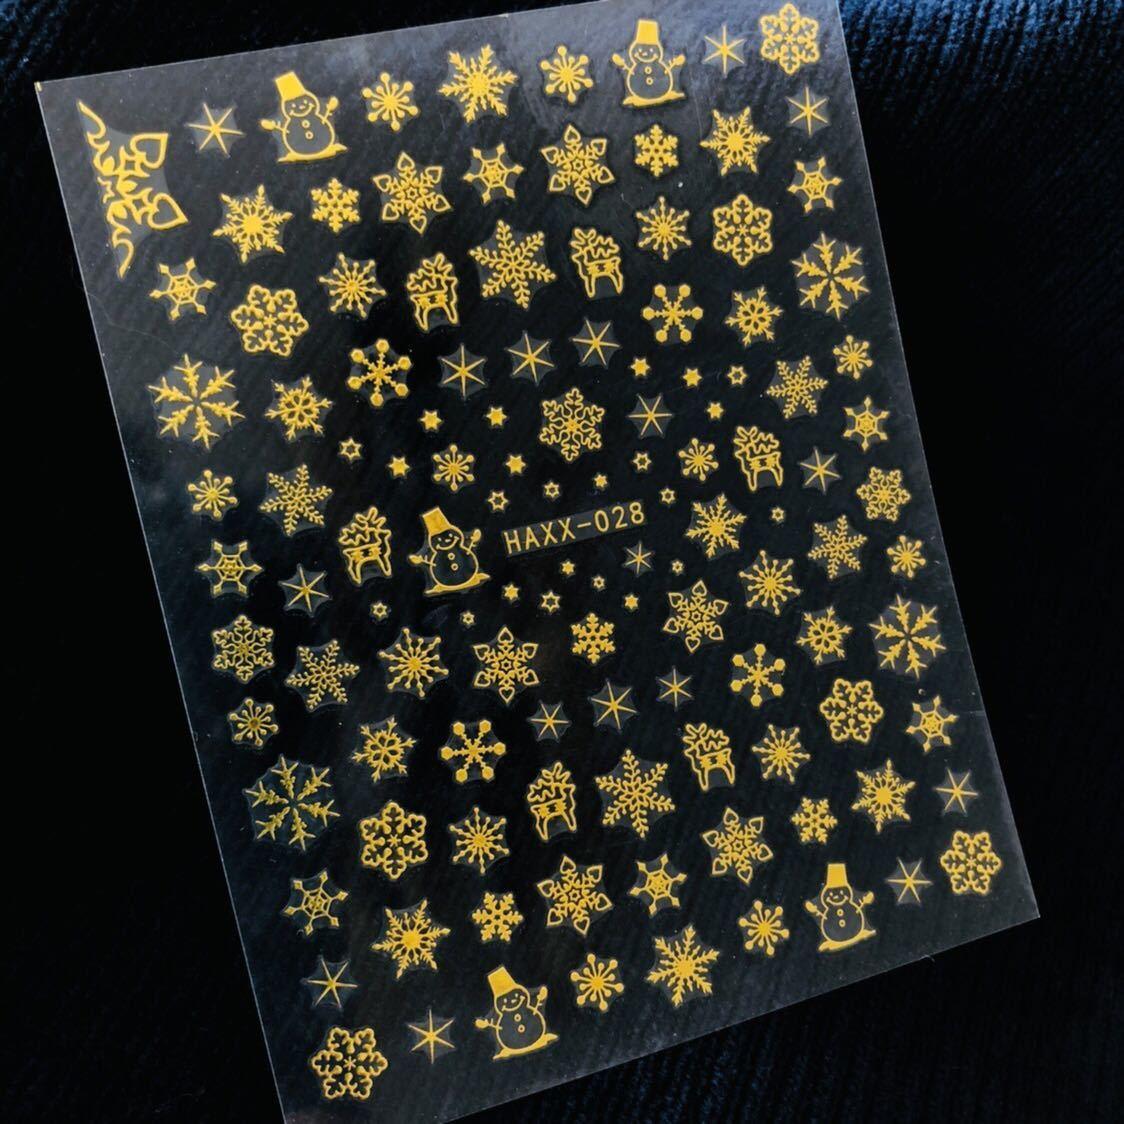 【送料込み】ネイルシール新品未使用★雪の結晶 スノーフレーク クリスマス Dゴールド